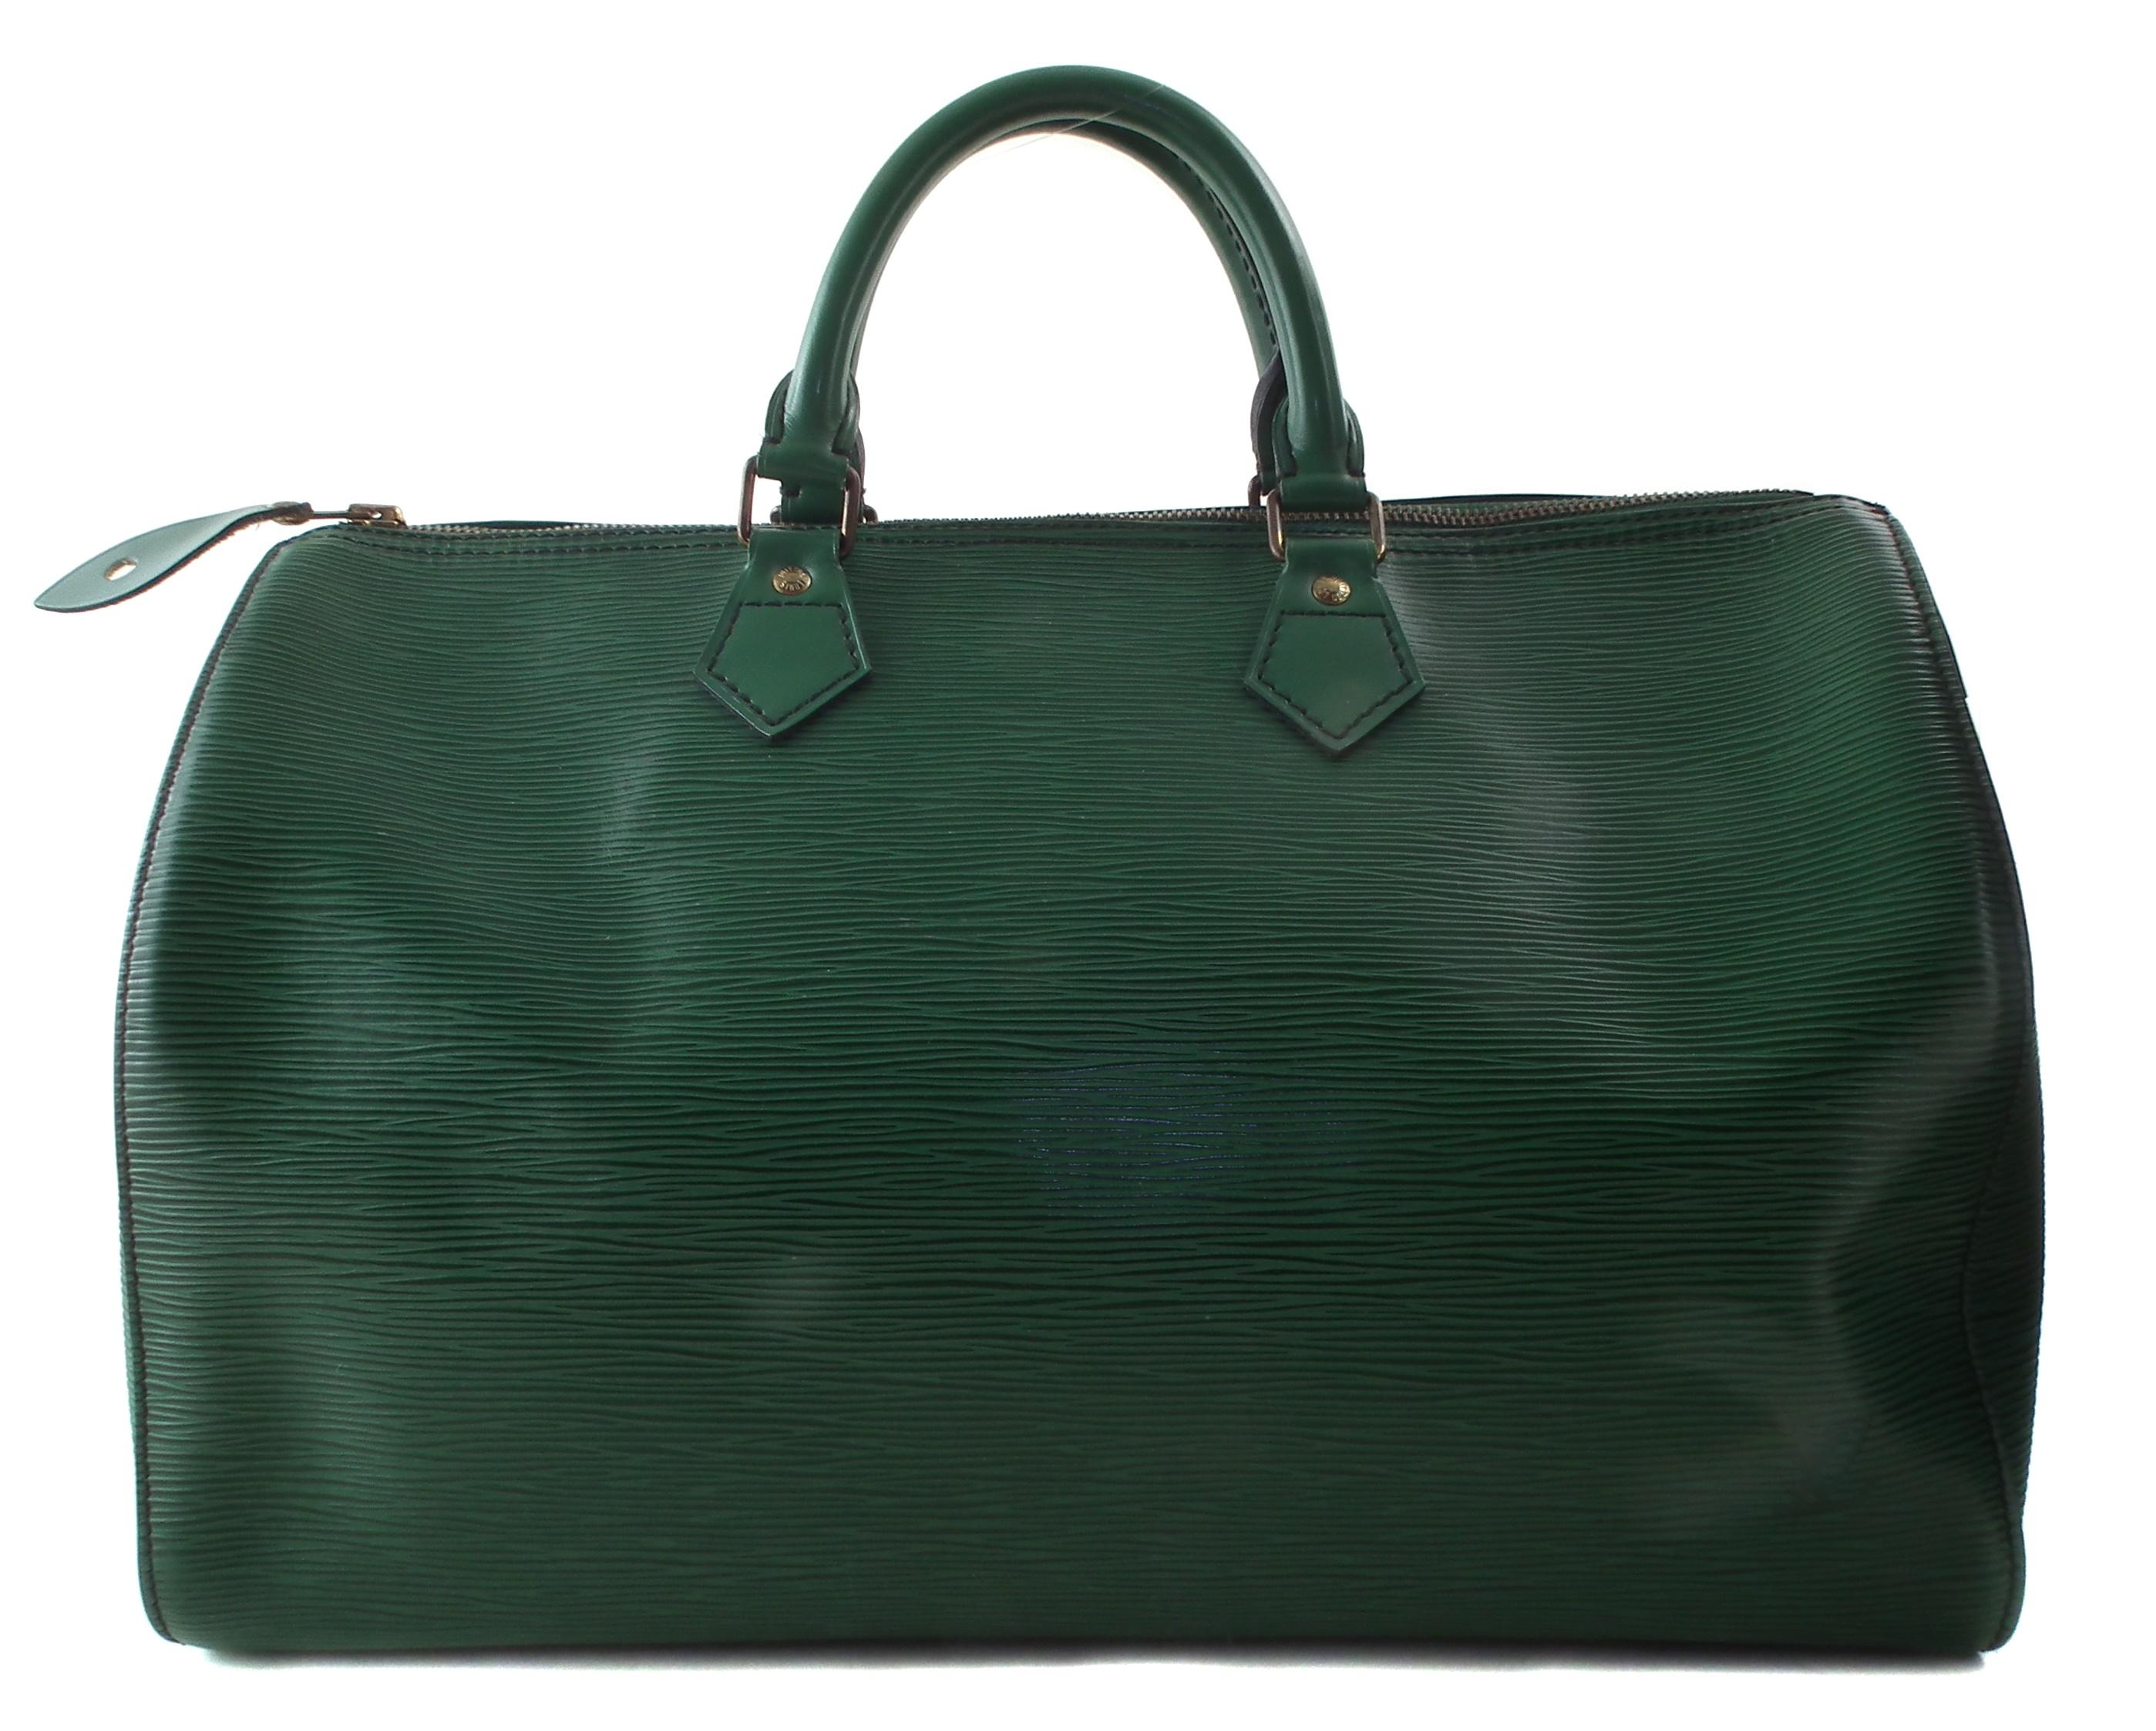 A Louis Vuitton green Epi Speedy 35 handbag